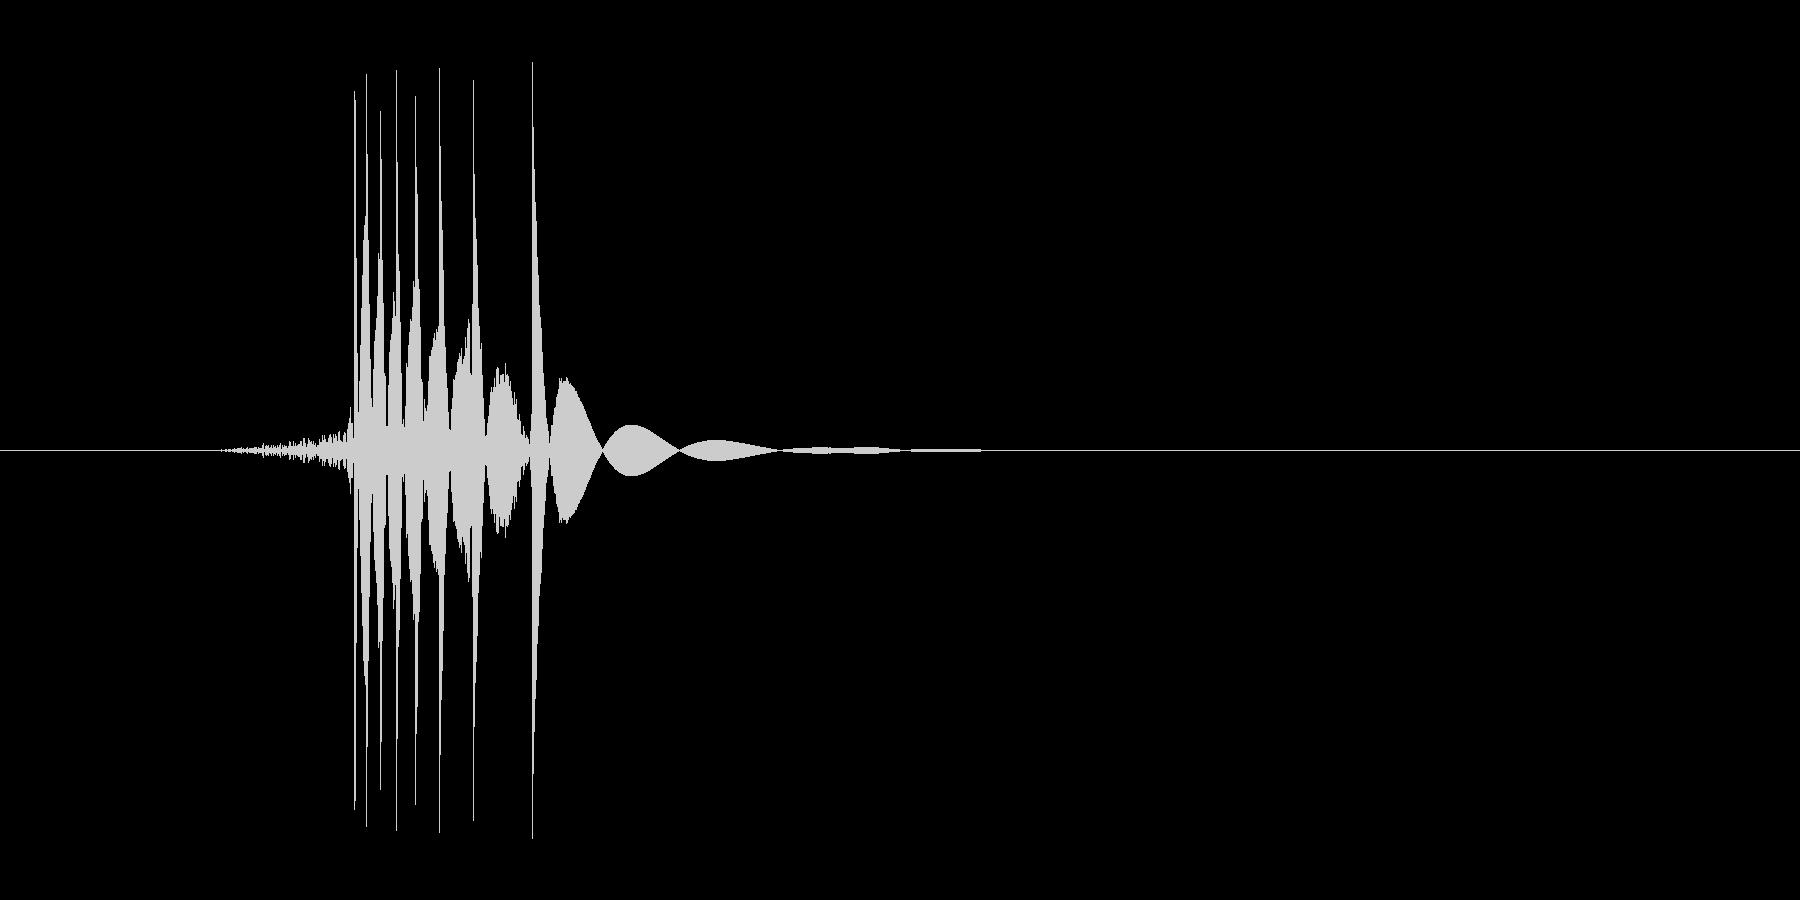 ゲーム(ファミコン風)ヒット音_028の未再生の波形